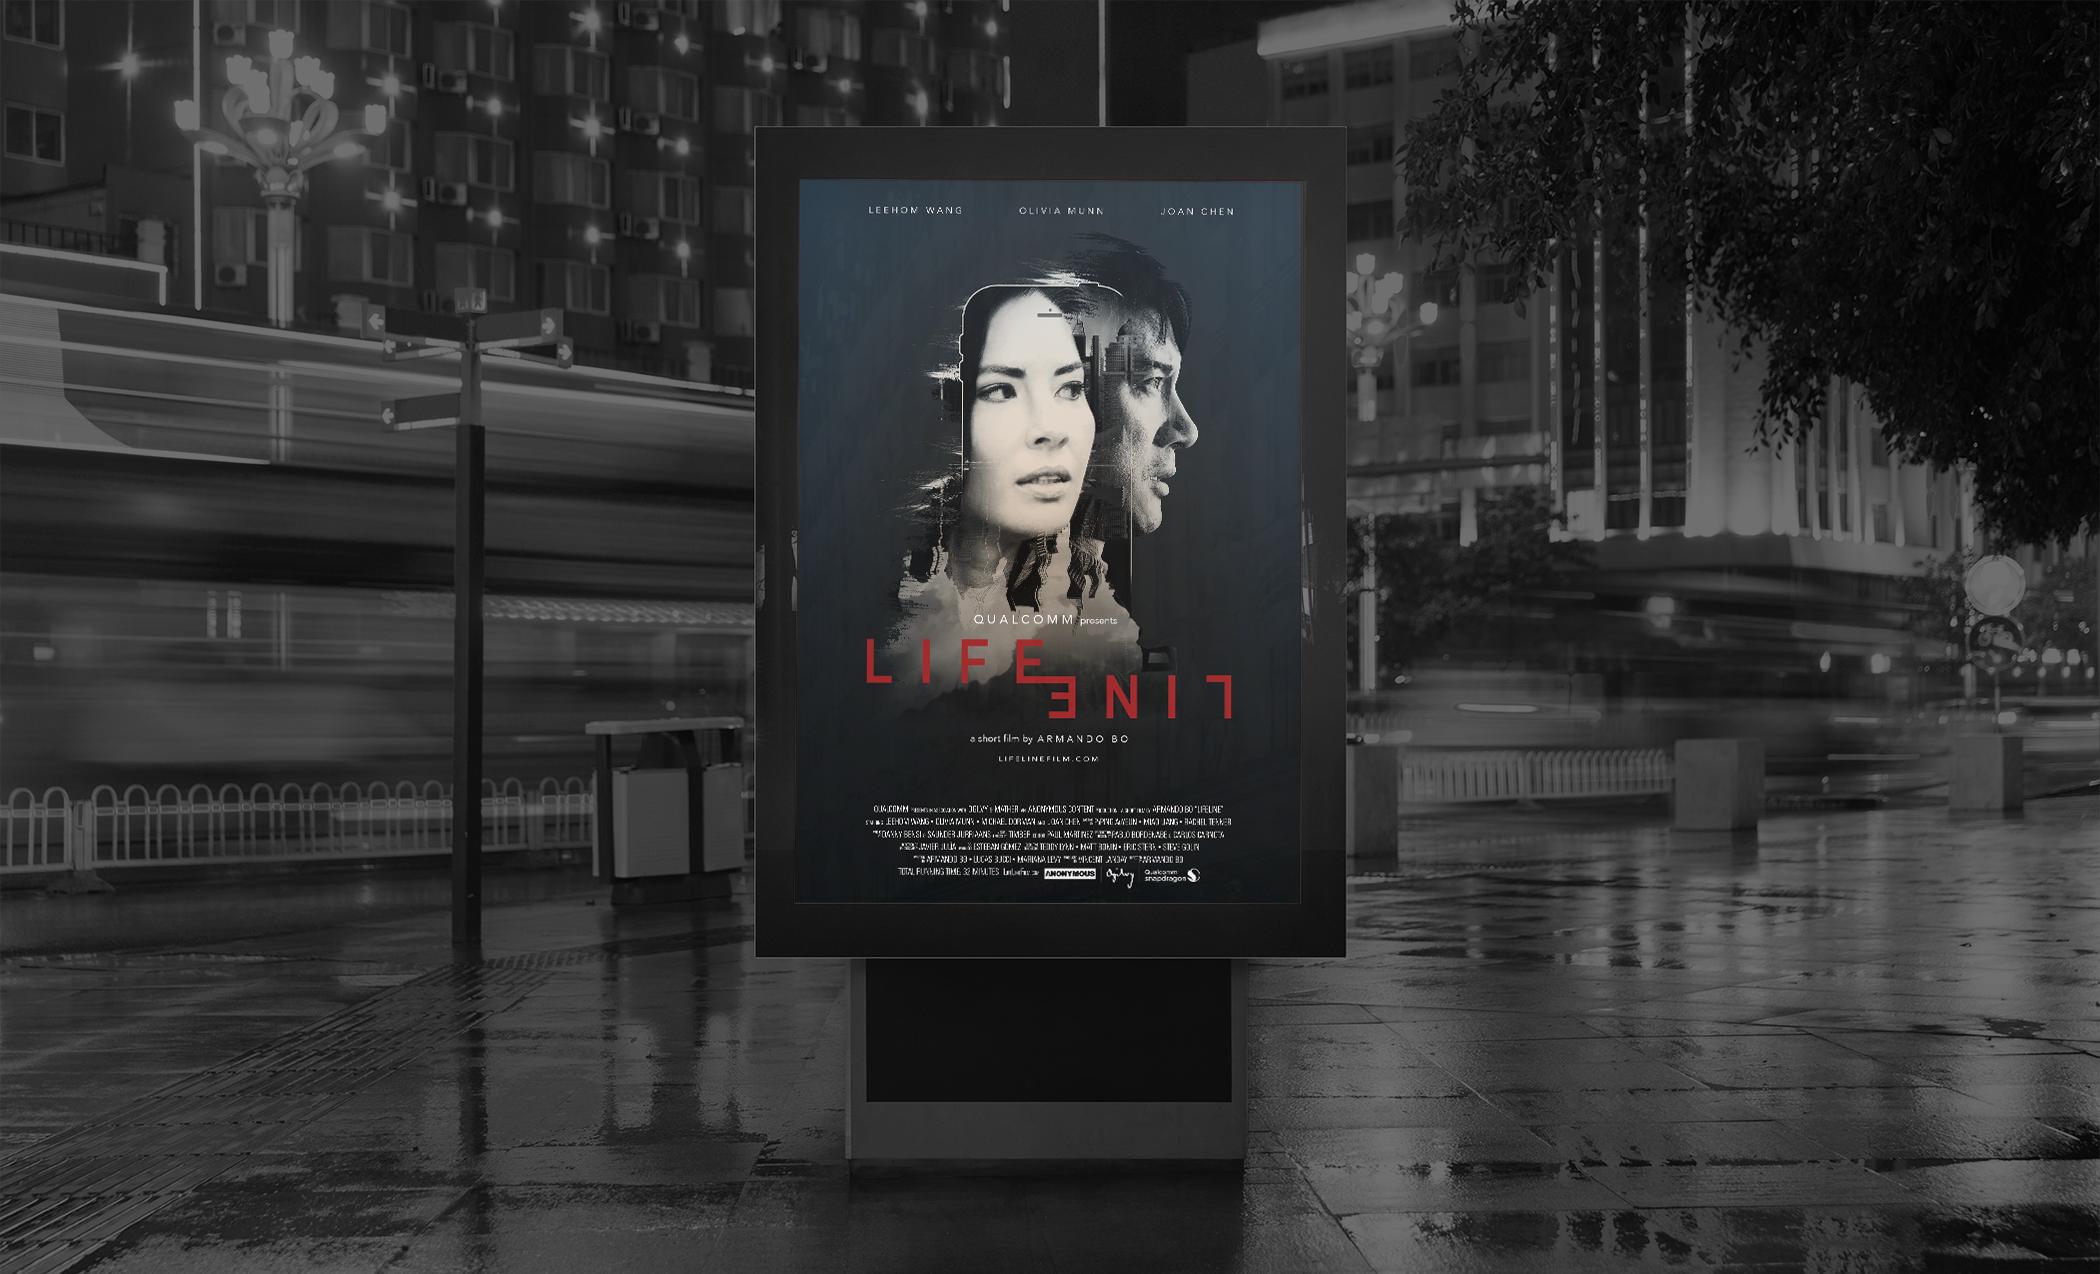 Lifeline_Poster_2